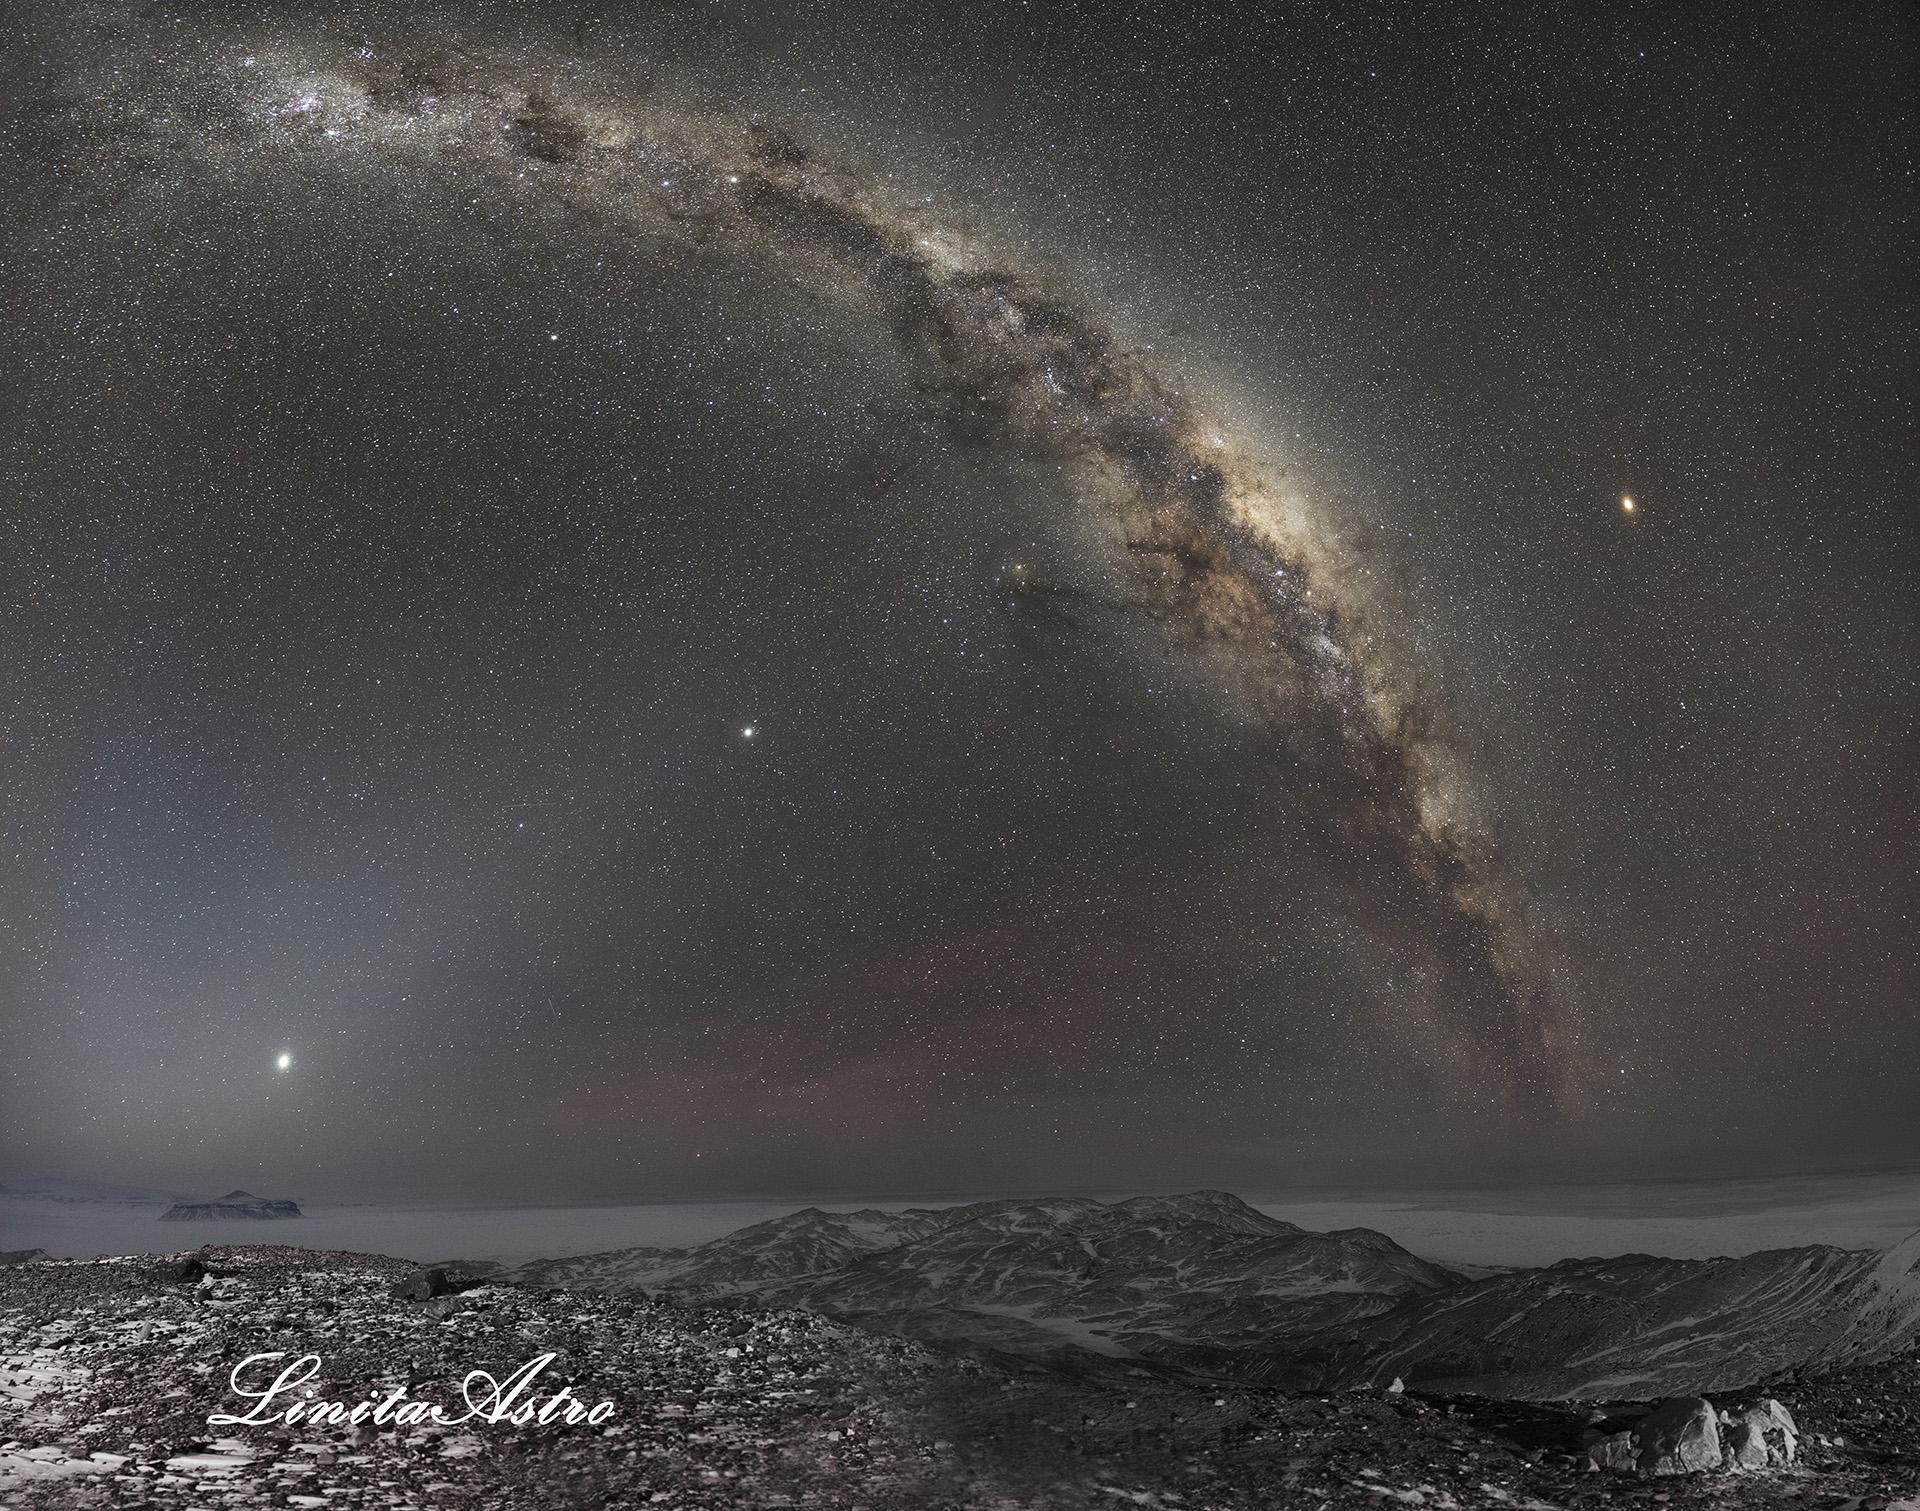 """""""Planetas"""": Se pueden apreciar, por un lado, Marte, Saturno, Júpiter y Venus. Ademásse ve una luz en forma triangular,llamada """"luz zodiacal"""", que solo puede verse en regiones en las que hay poca o nula contaminación lumínica. Además, se ve el brazo espiral de la Vía Láctea, que recorre casi todo el cielo. """"Al momento de hacer esa foto la sensación térmica rondaba los 38 grados bajo cero""""."""